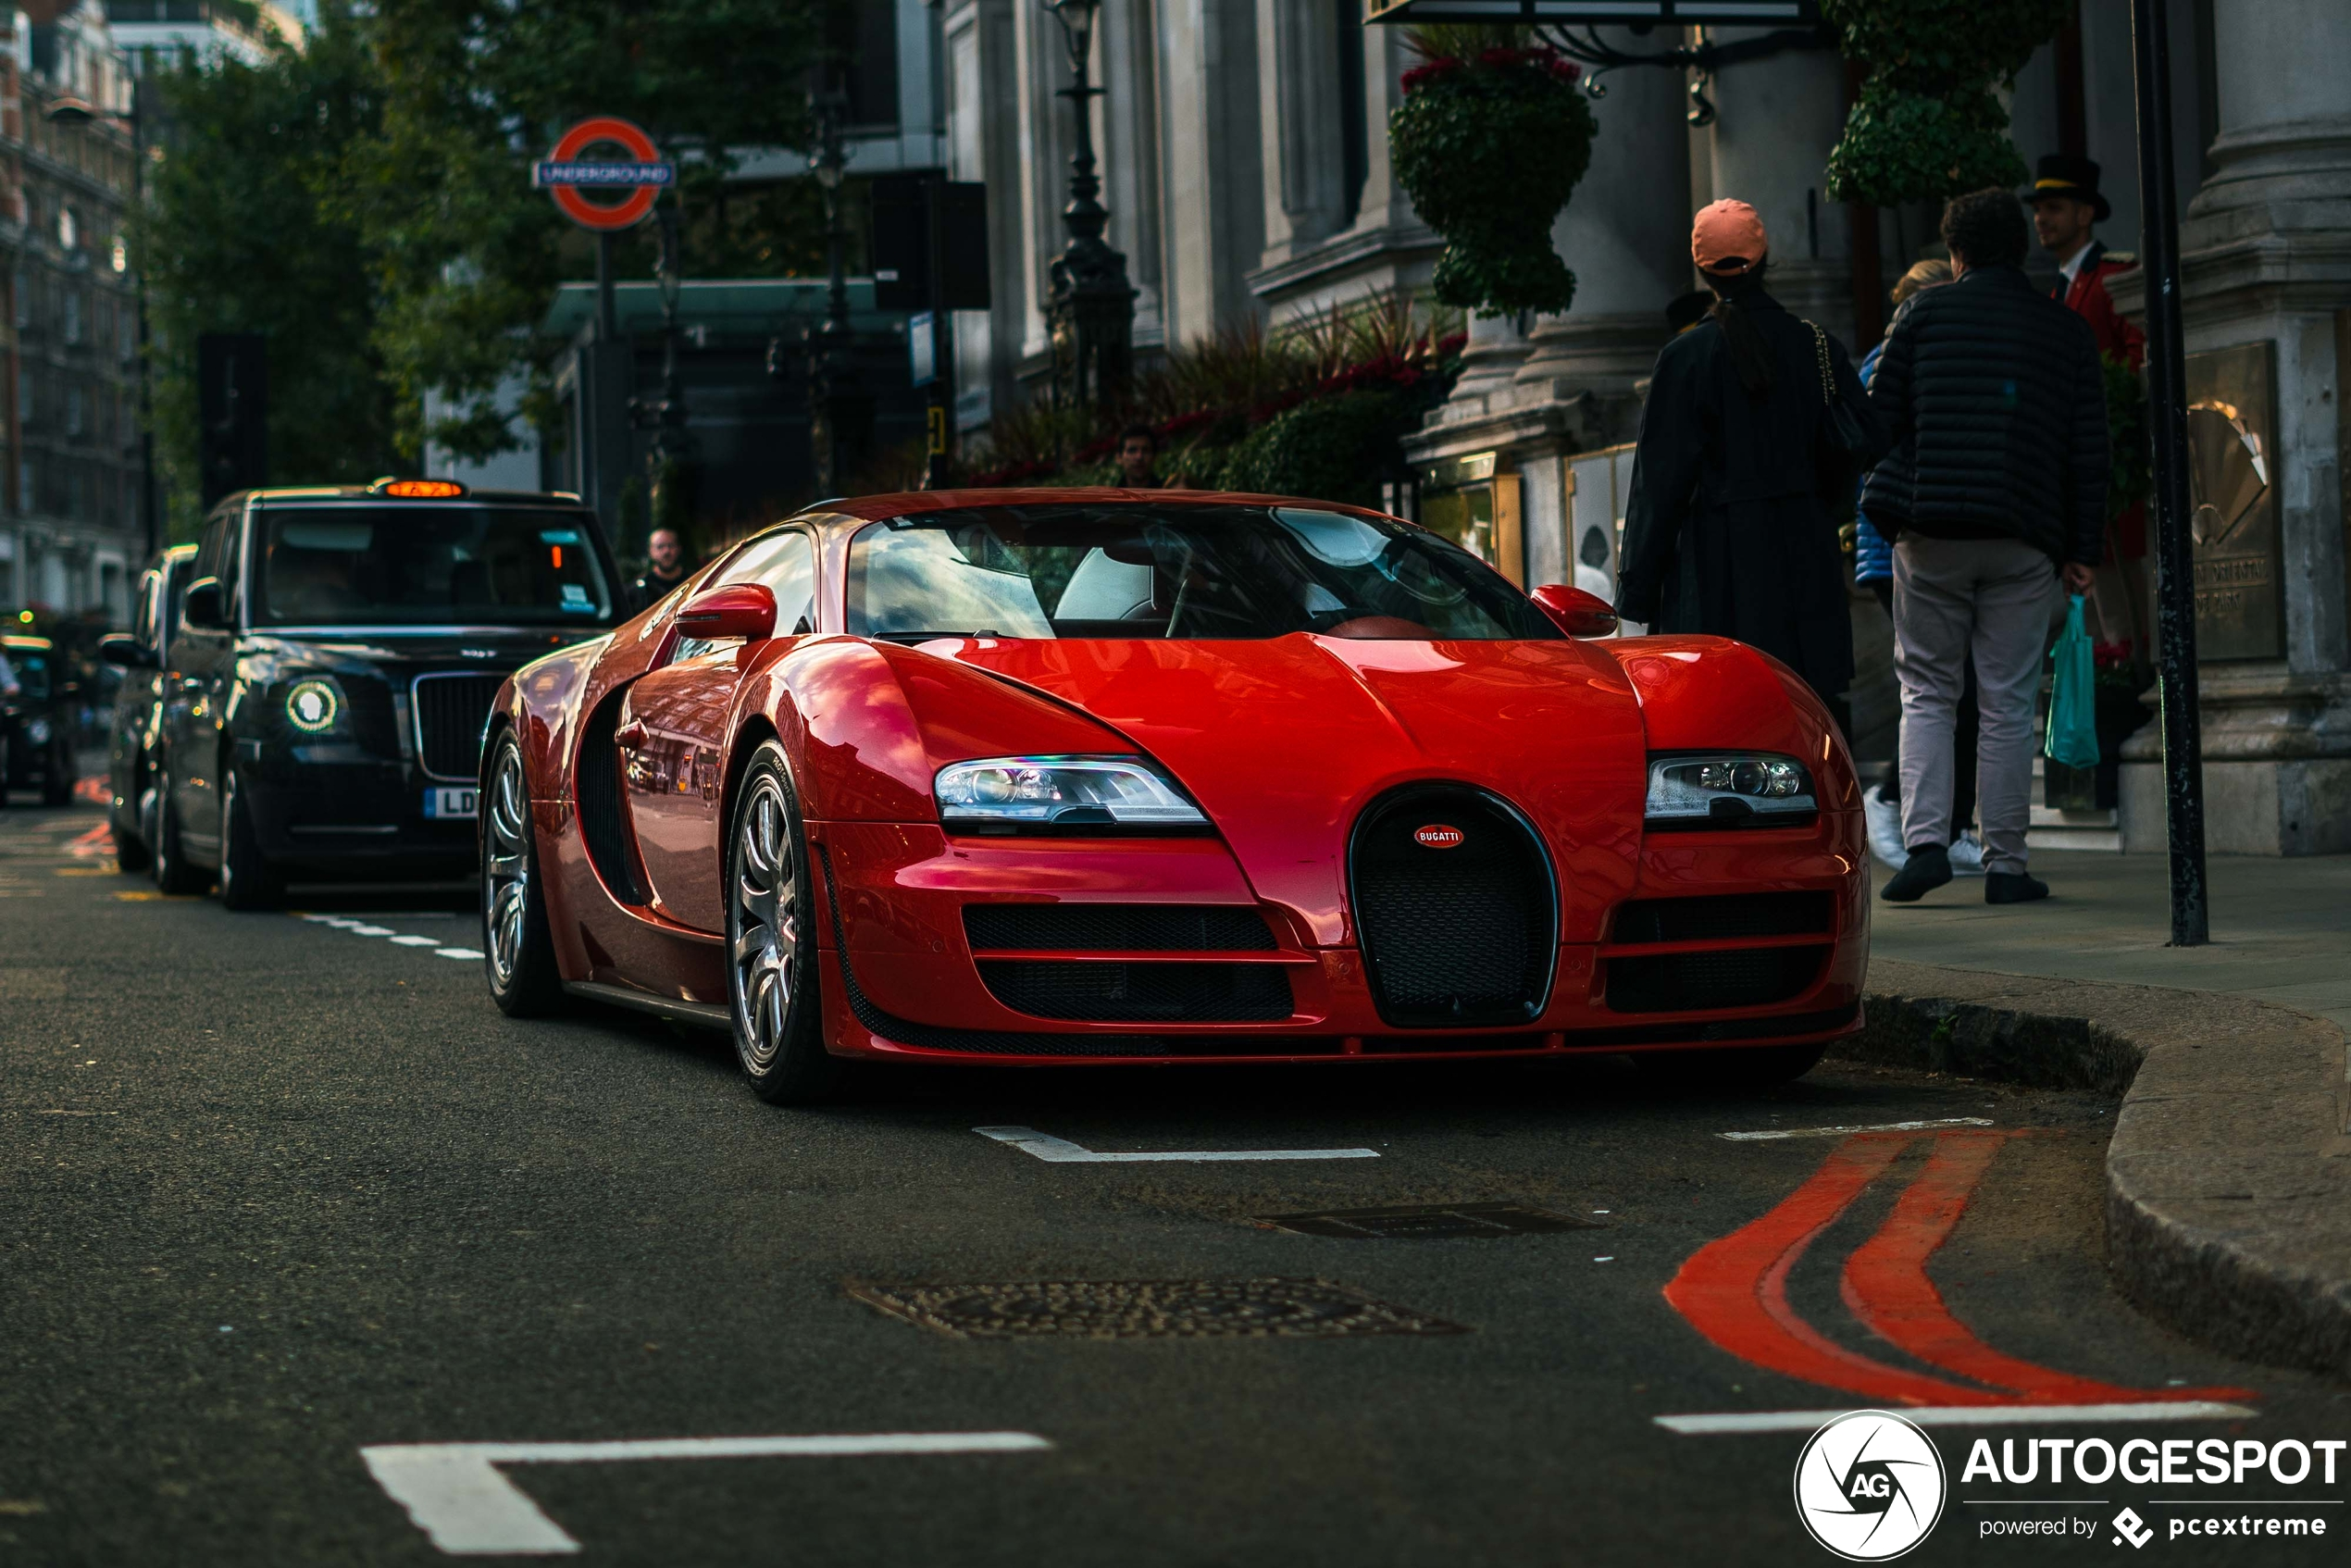 Londen verwelkomt nieuwe Bugatti Veyron 16.4